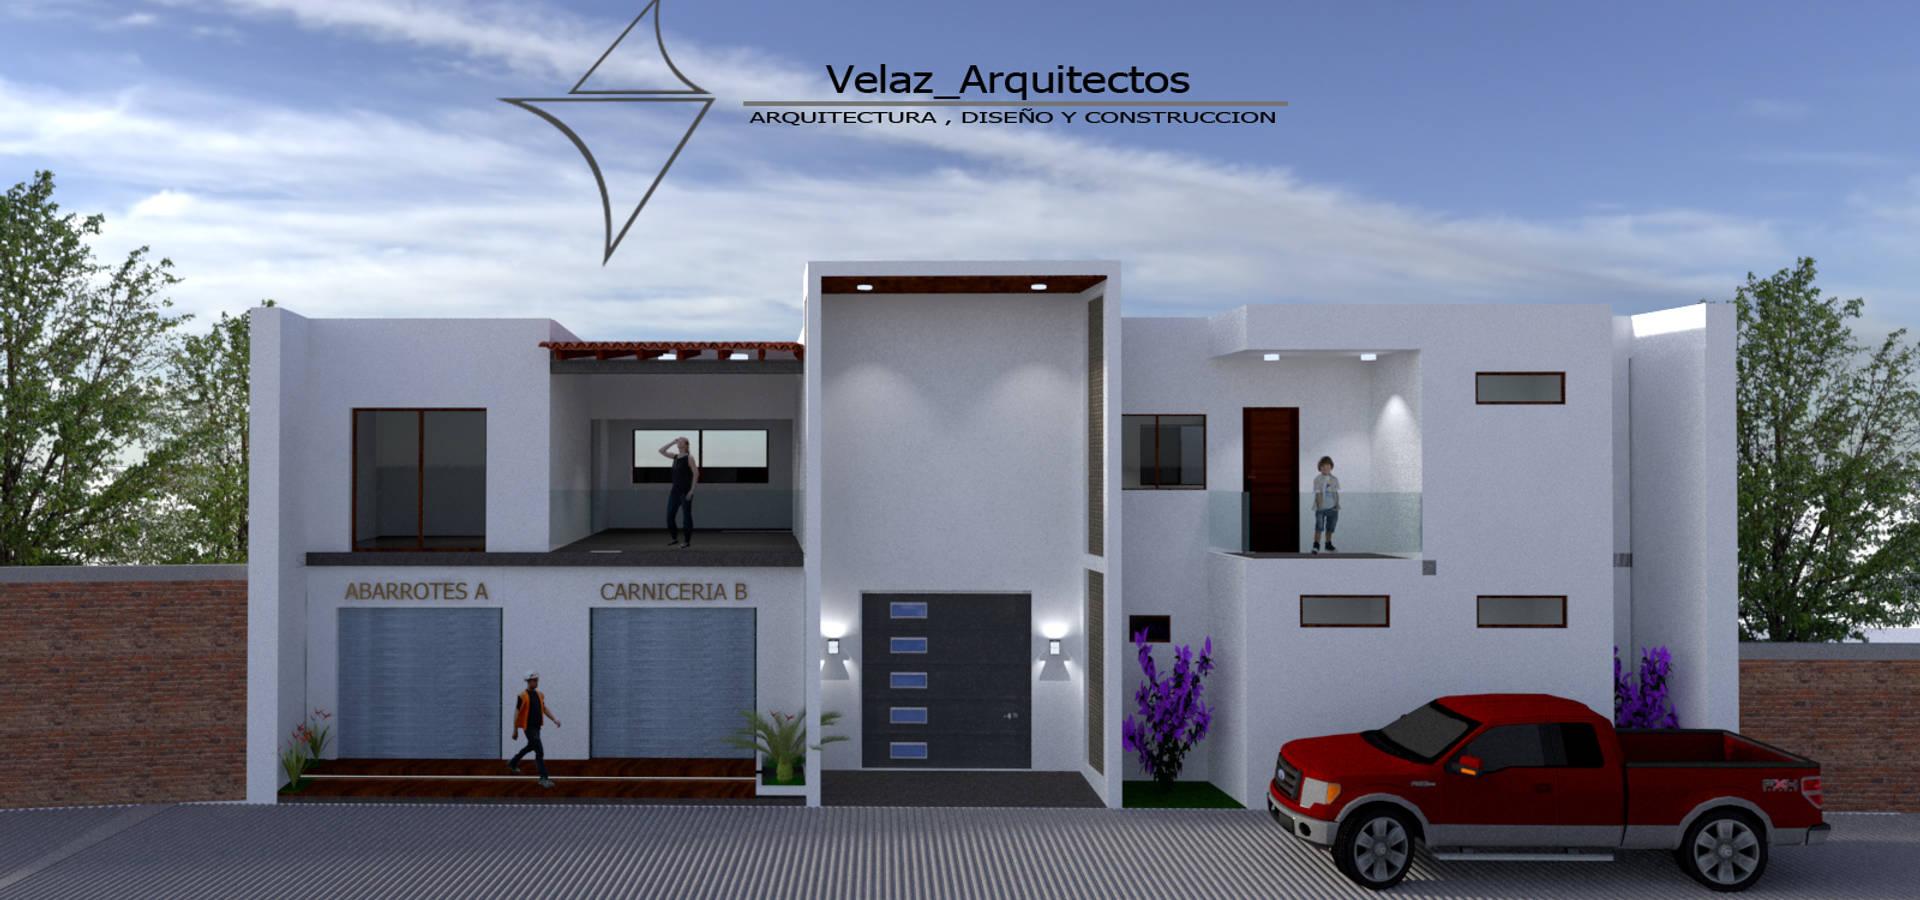 Velaz_Arquitectos